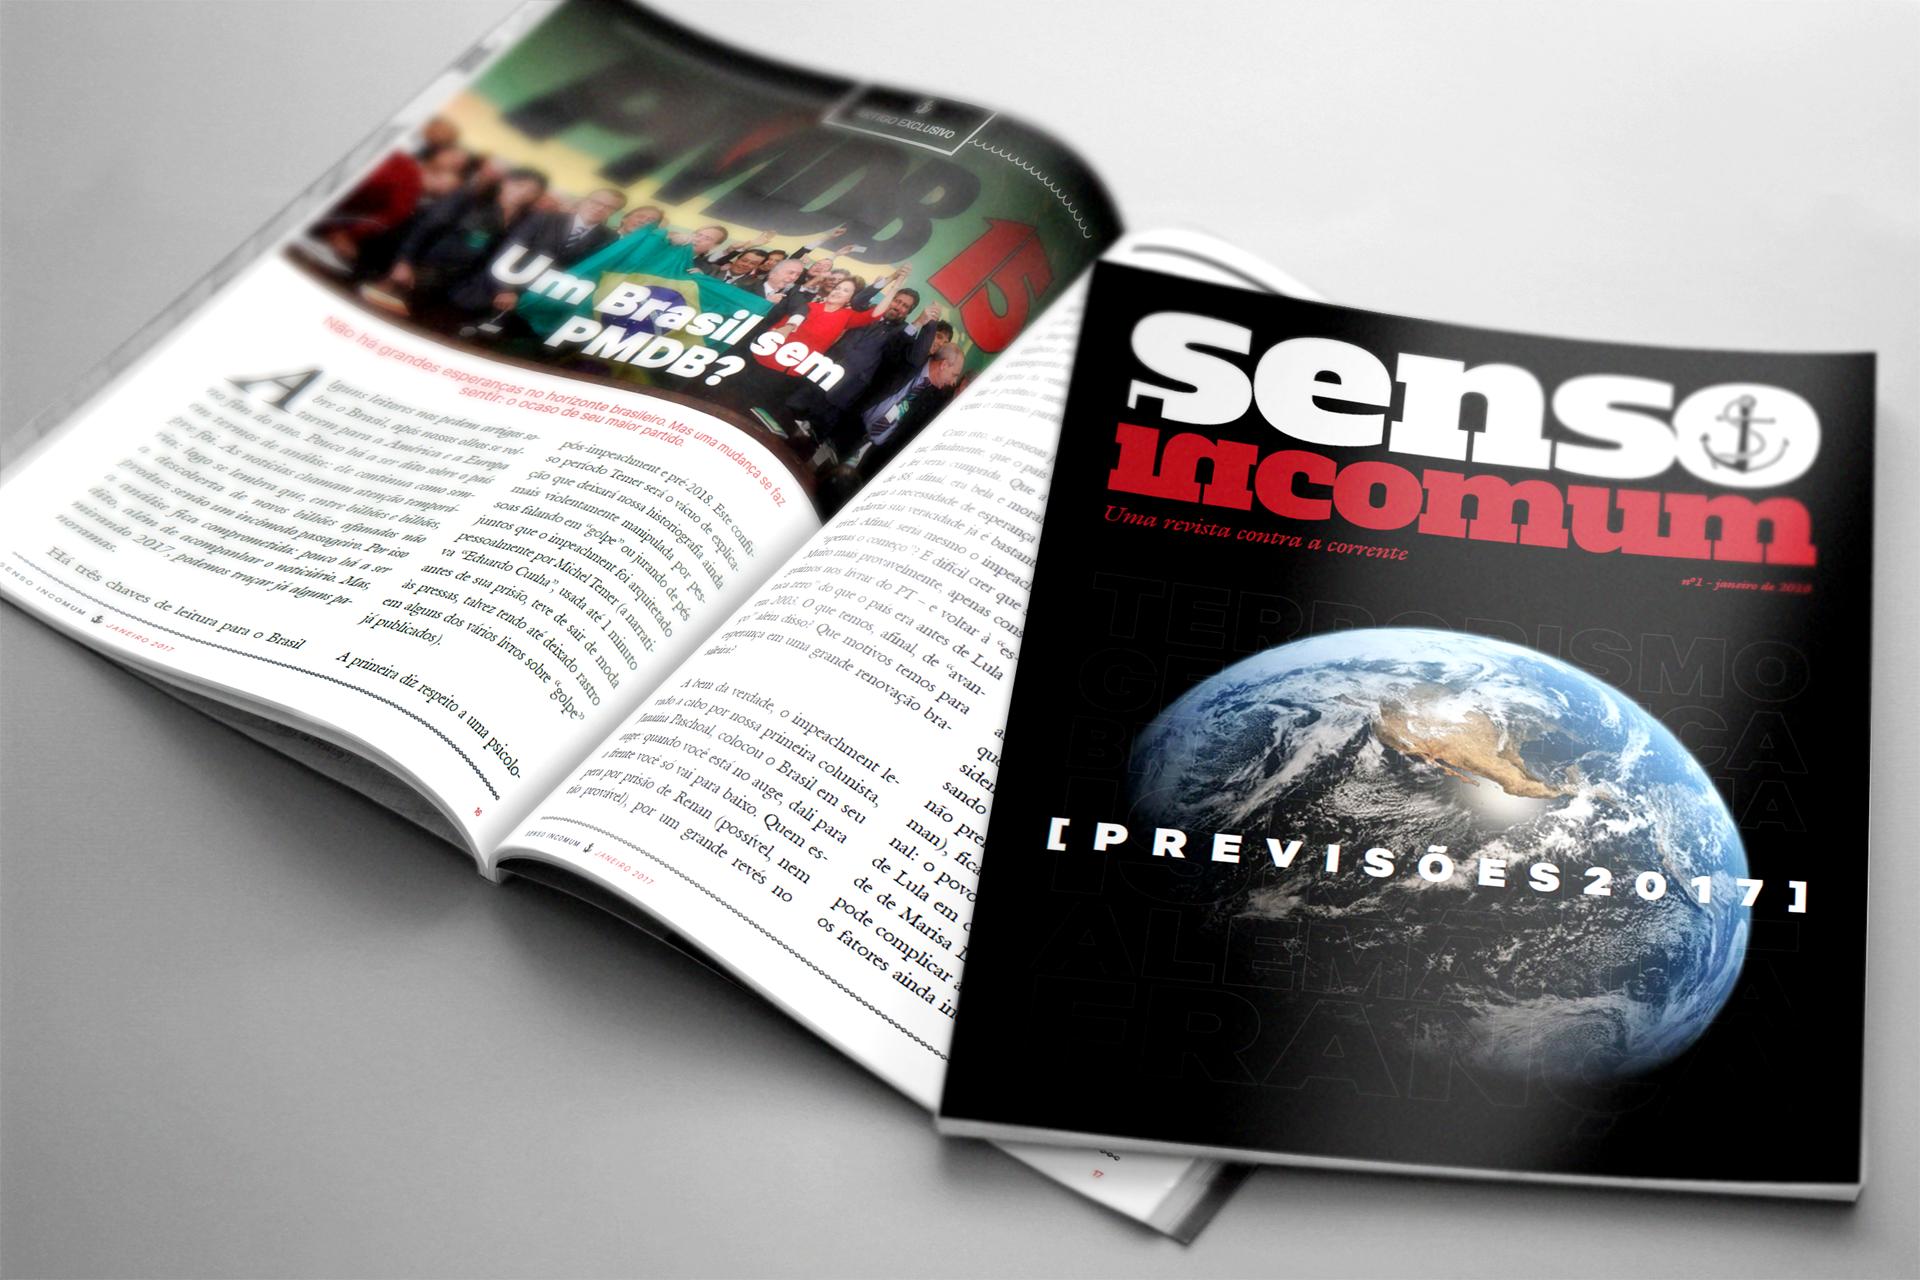 Revista Senso Incomum edição #2: Previsões 2017